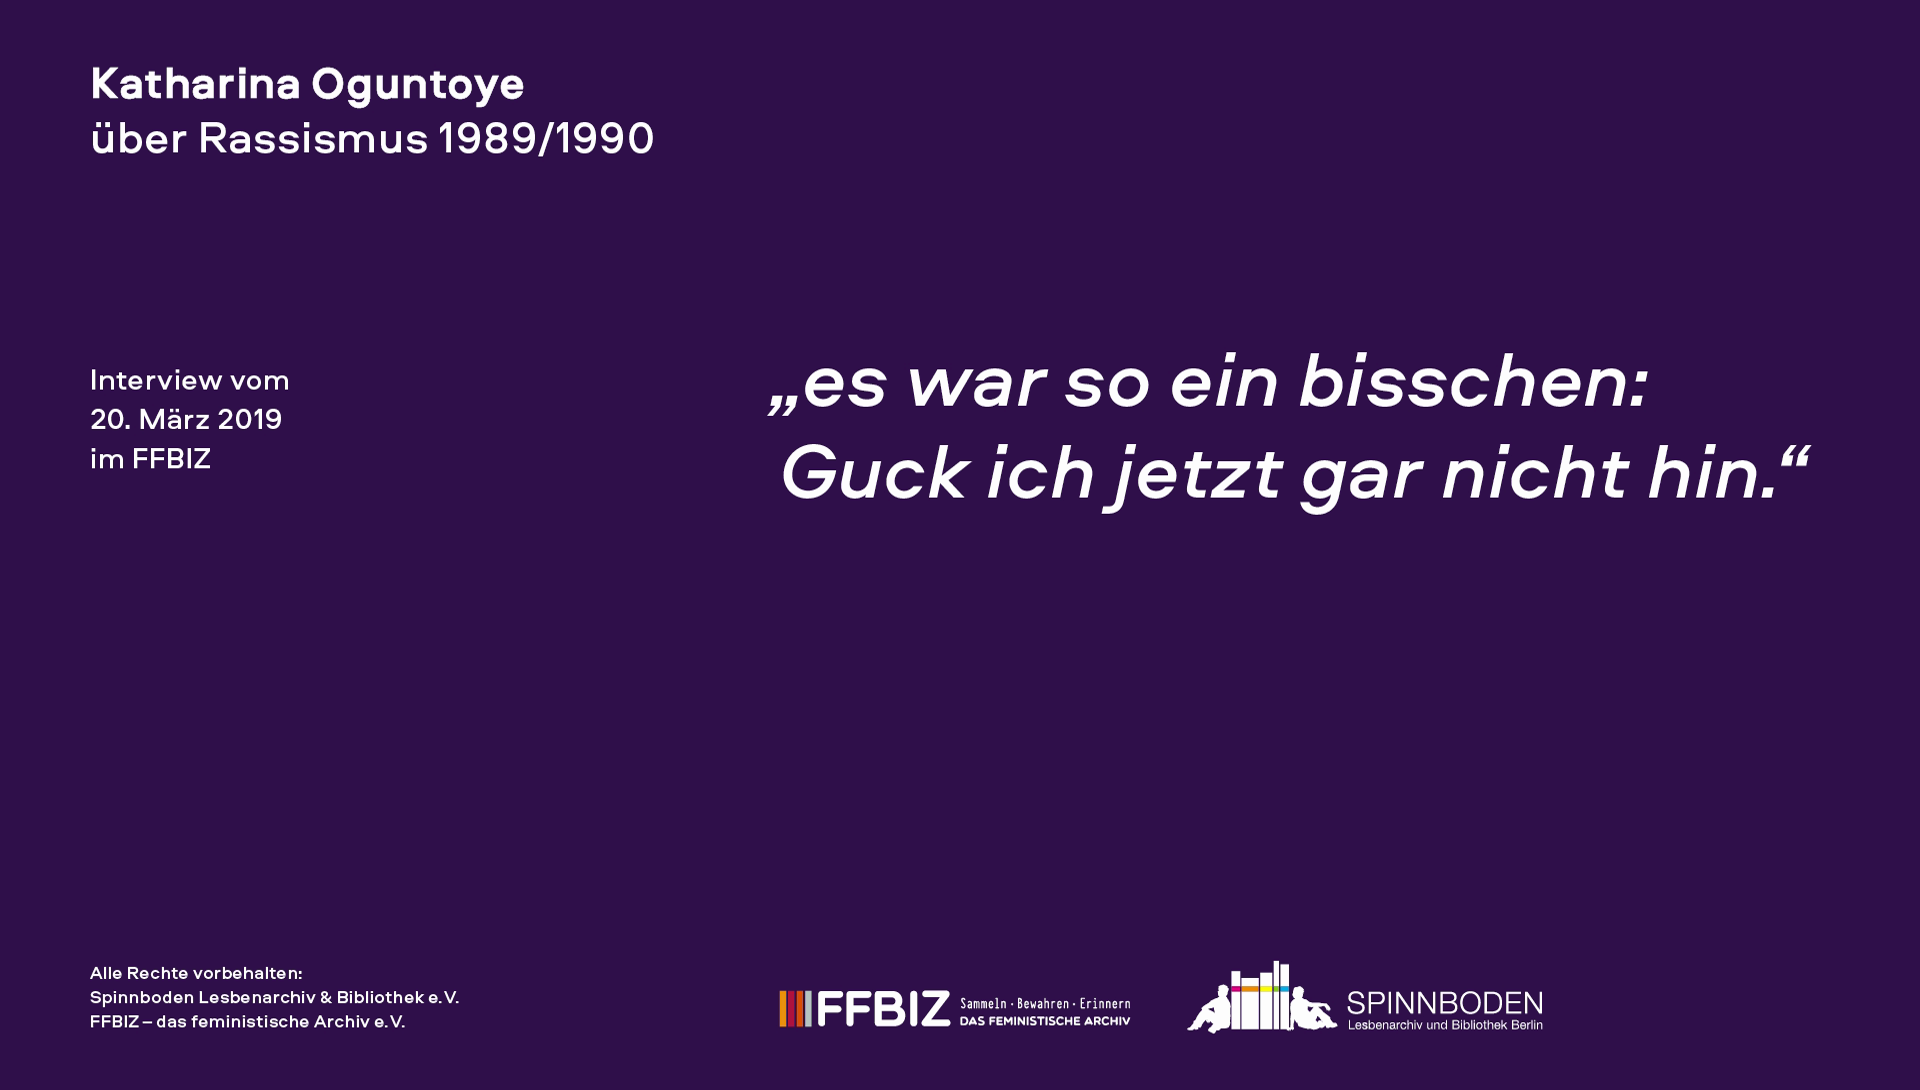 """Interview mit Katharina Oguntoye im Rahmen des Projektes """"Friedliche Revolution""""? Lesbisch-feministische Perspektiven auf 1989"""